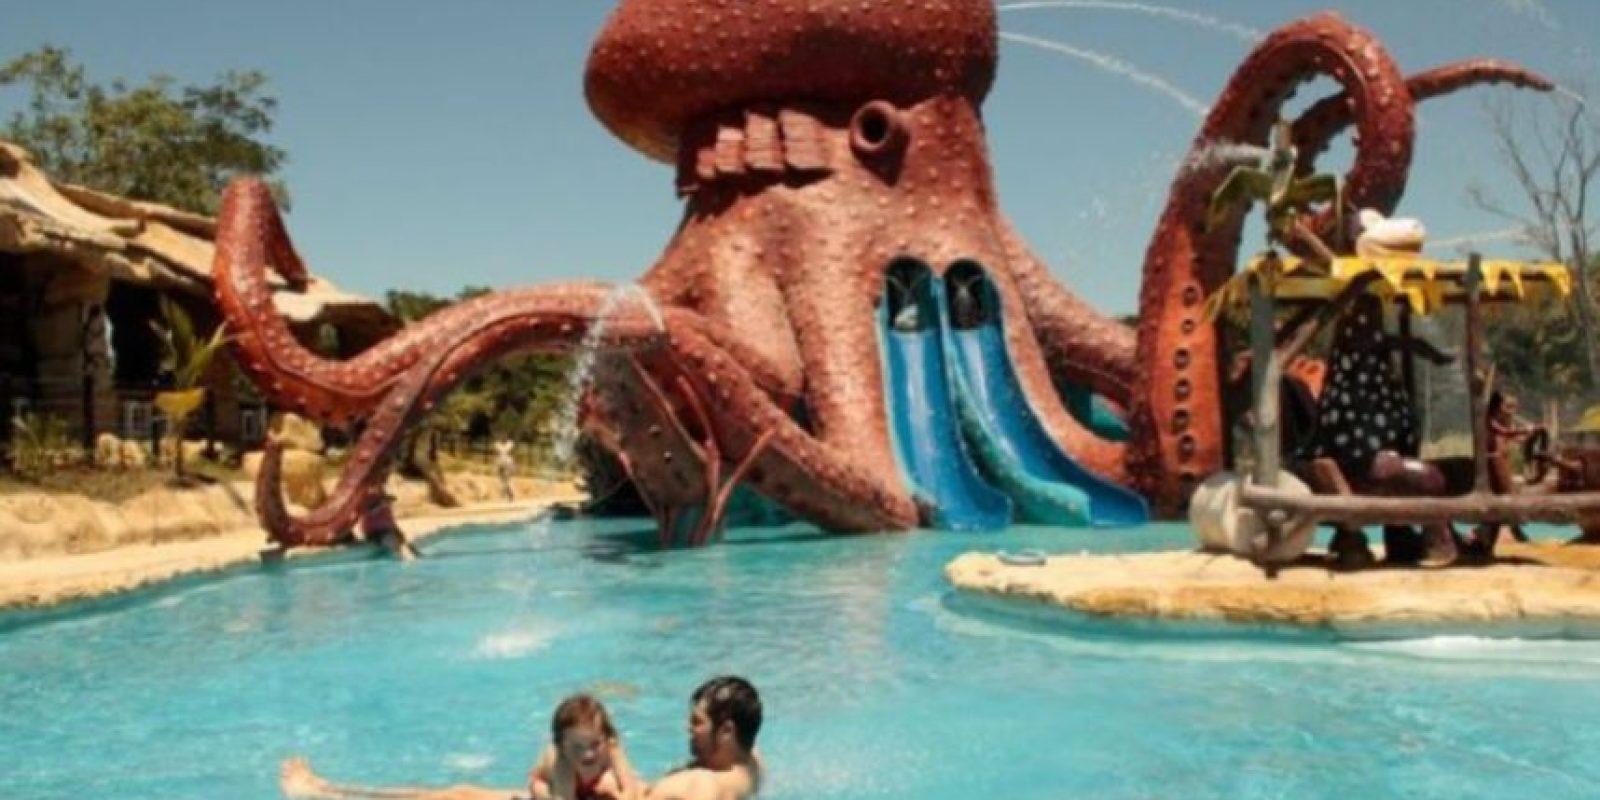 La exhacienda fue convertida en un parque de diversiones. Foto:Vía haciendanapoles.com